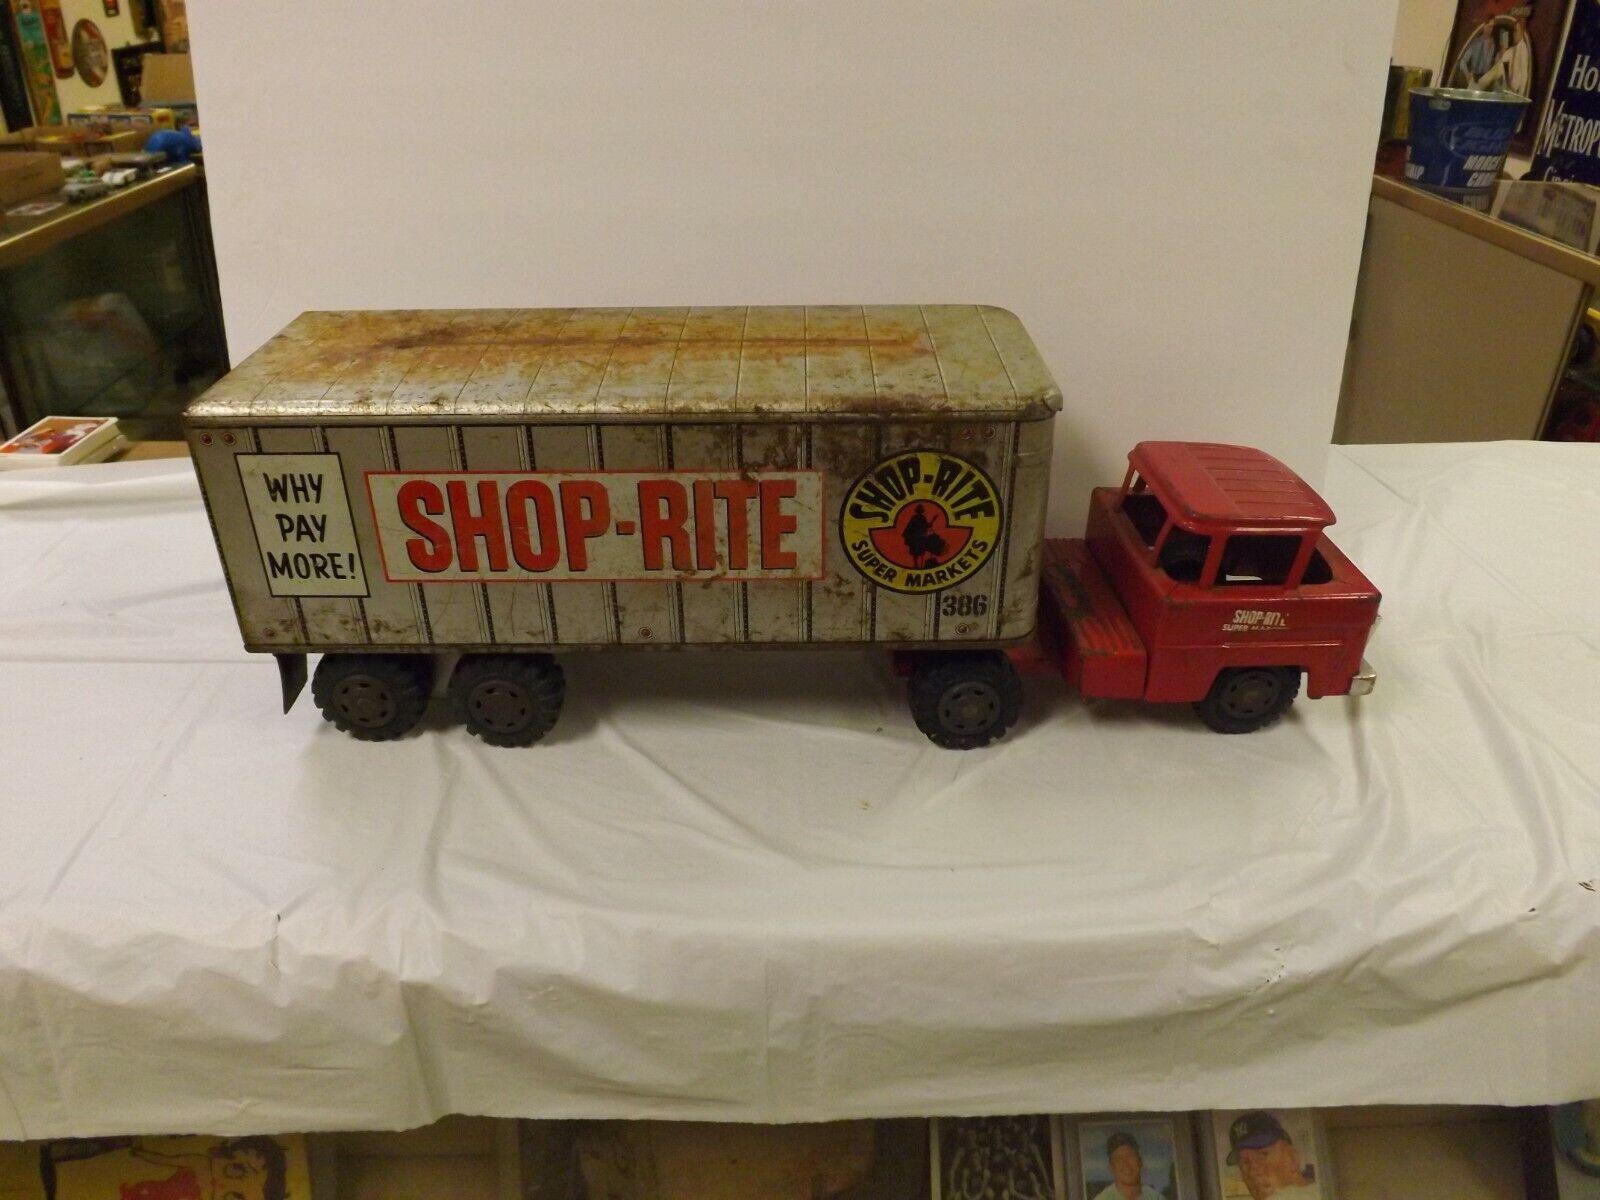 ビンテージプレスマルクスShoprite玩具トラック広告トラクタトレーラー24